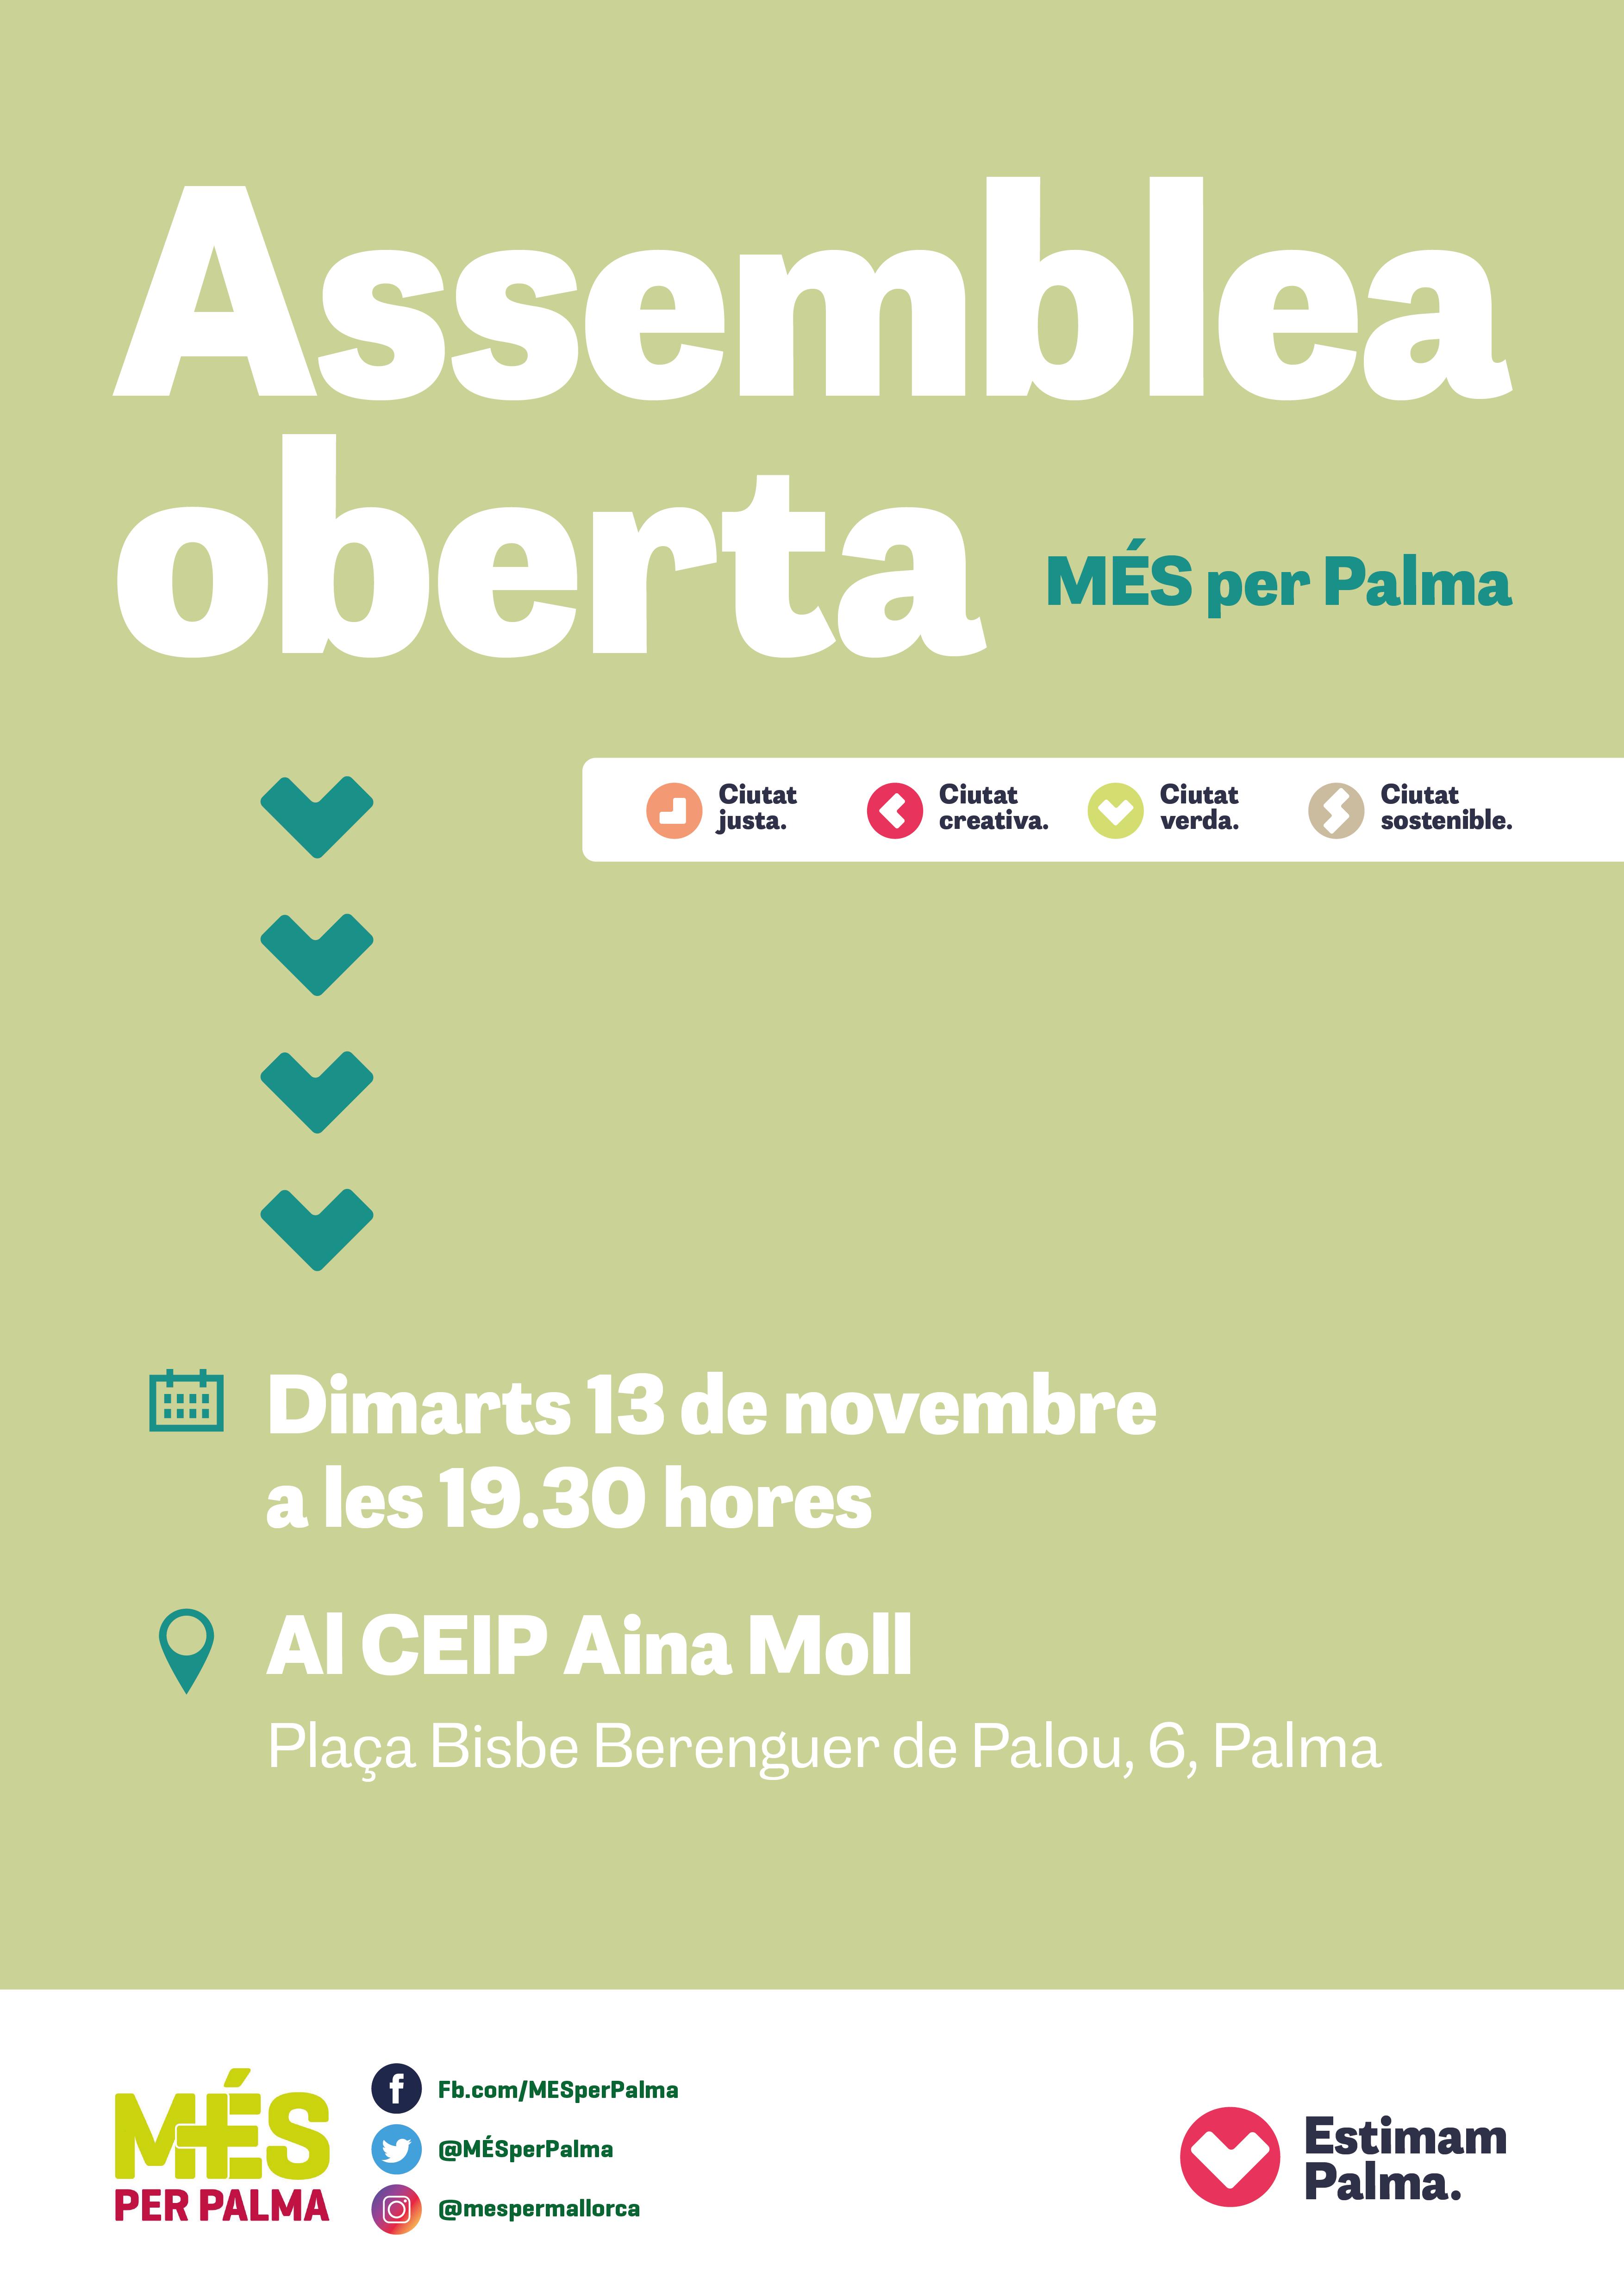 Assemblea oberta de MÉS per Palma